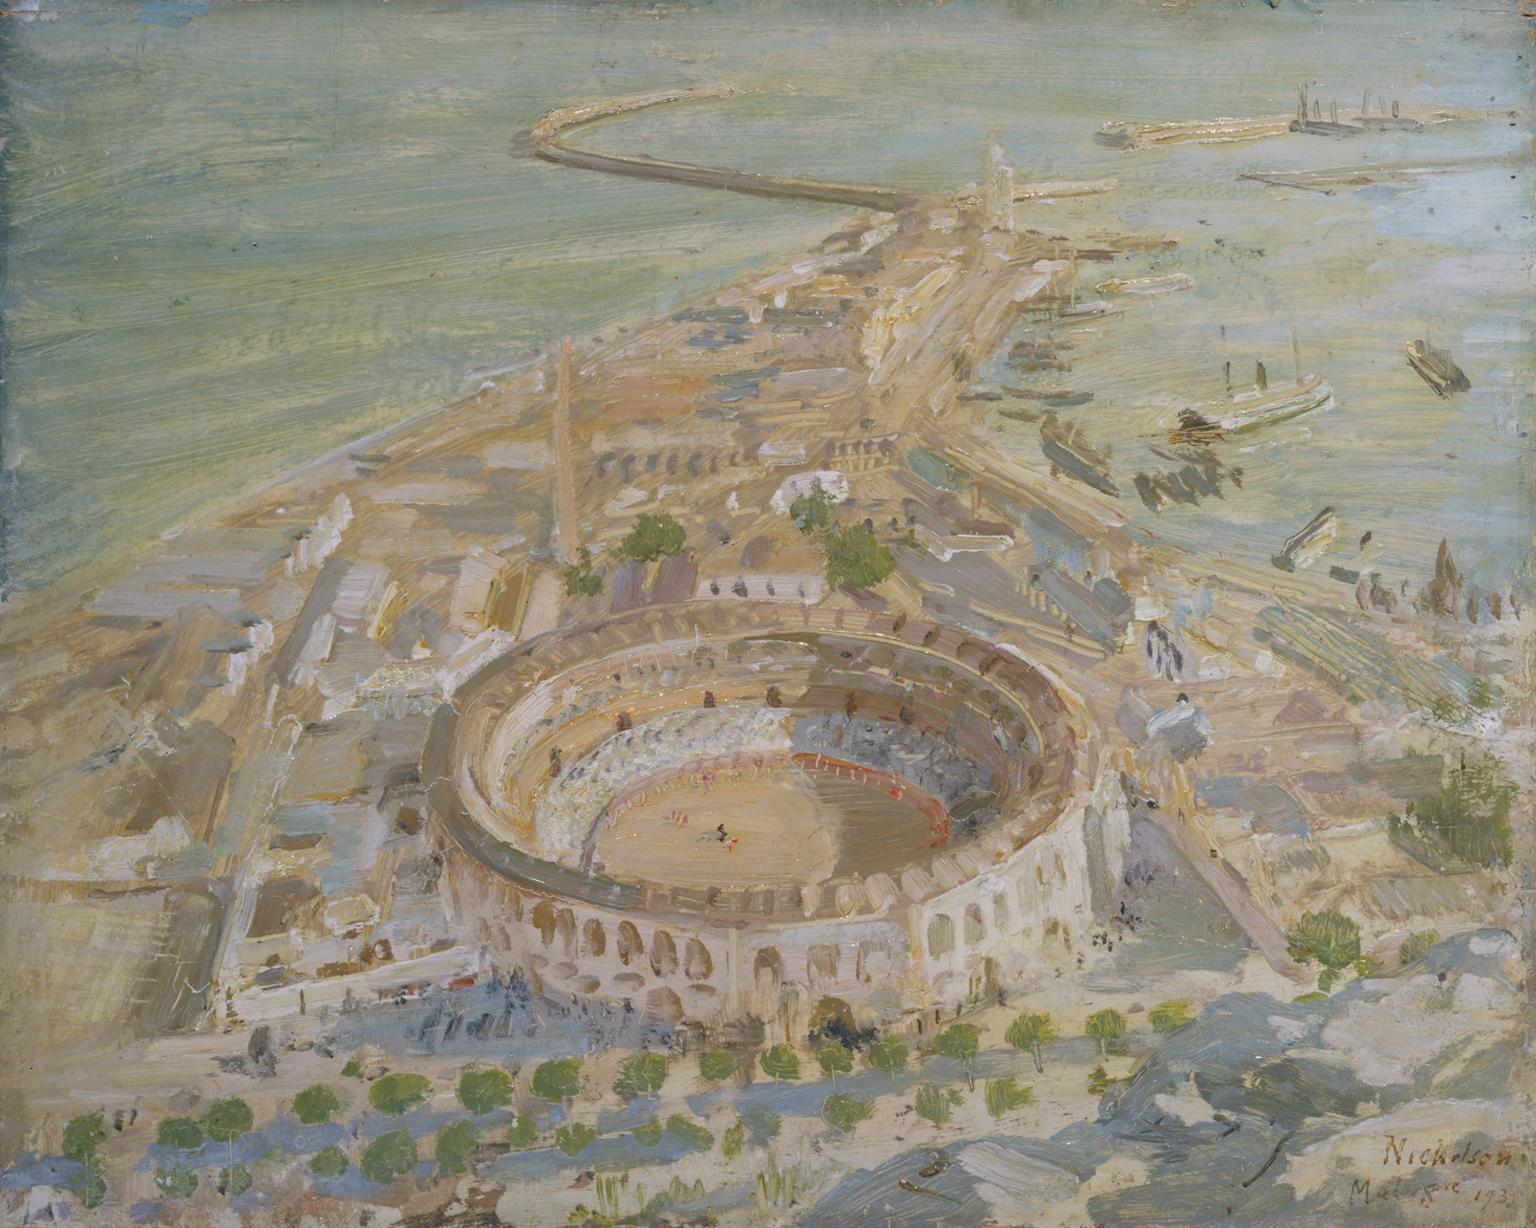 'Plaza de Toros, Malaga', 1935